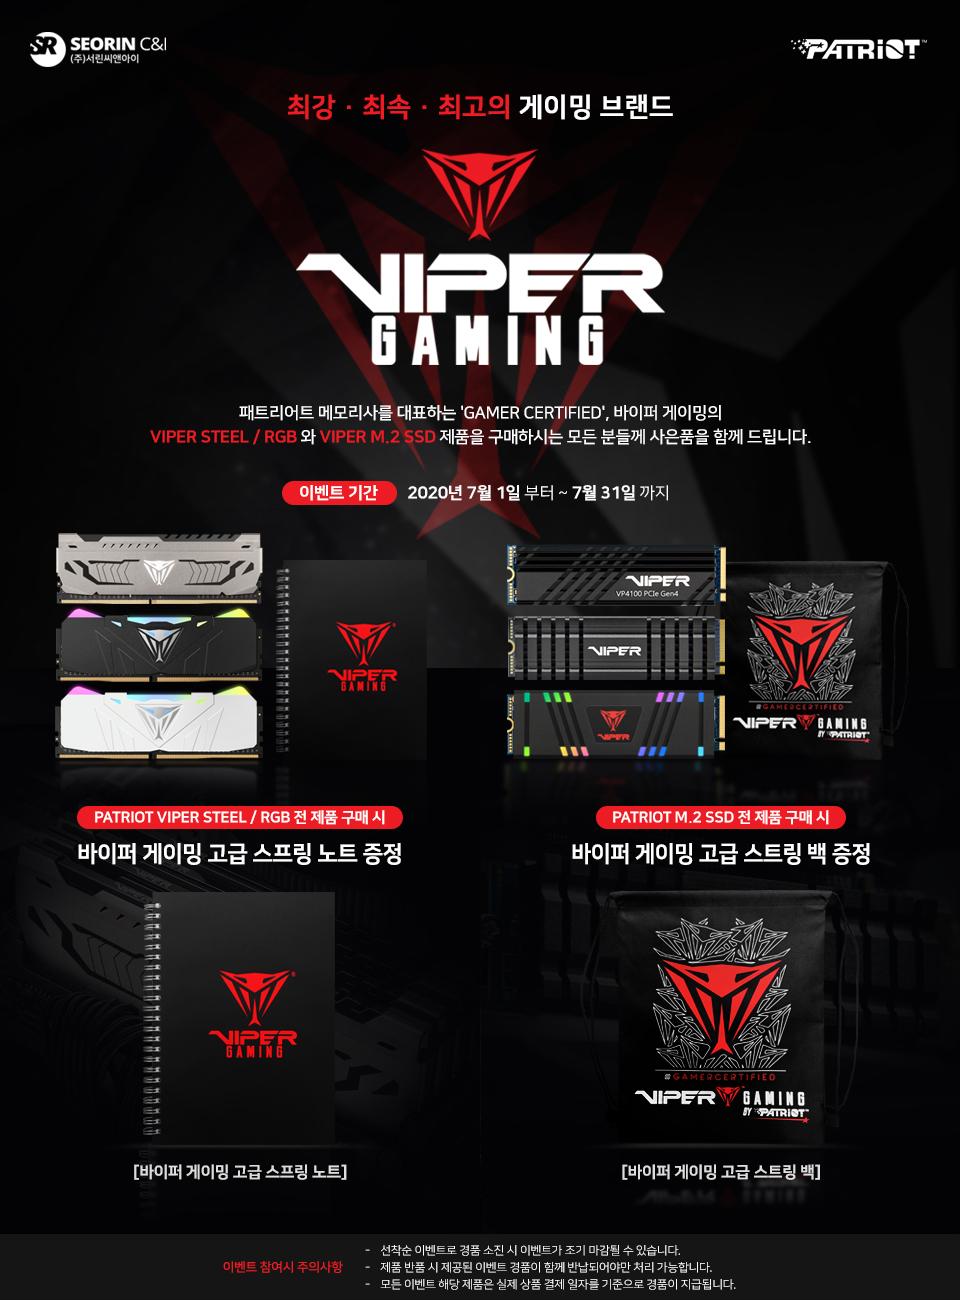 최고의 게이밍 브랜드 PATRIOT VIPER 시리즈 구매시 고급 스프링 노트 / 슬링백 증정 이벤트 !!